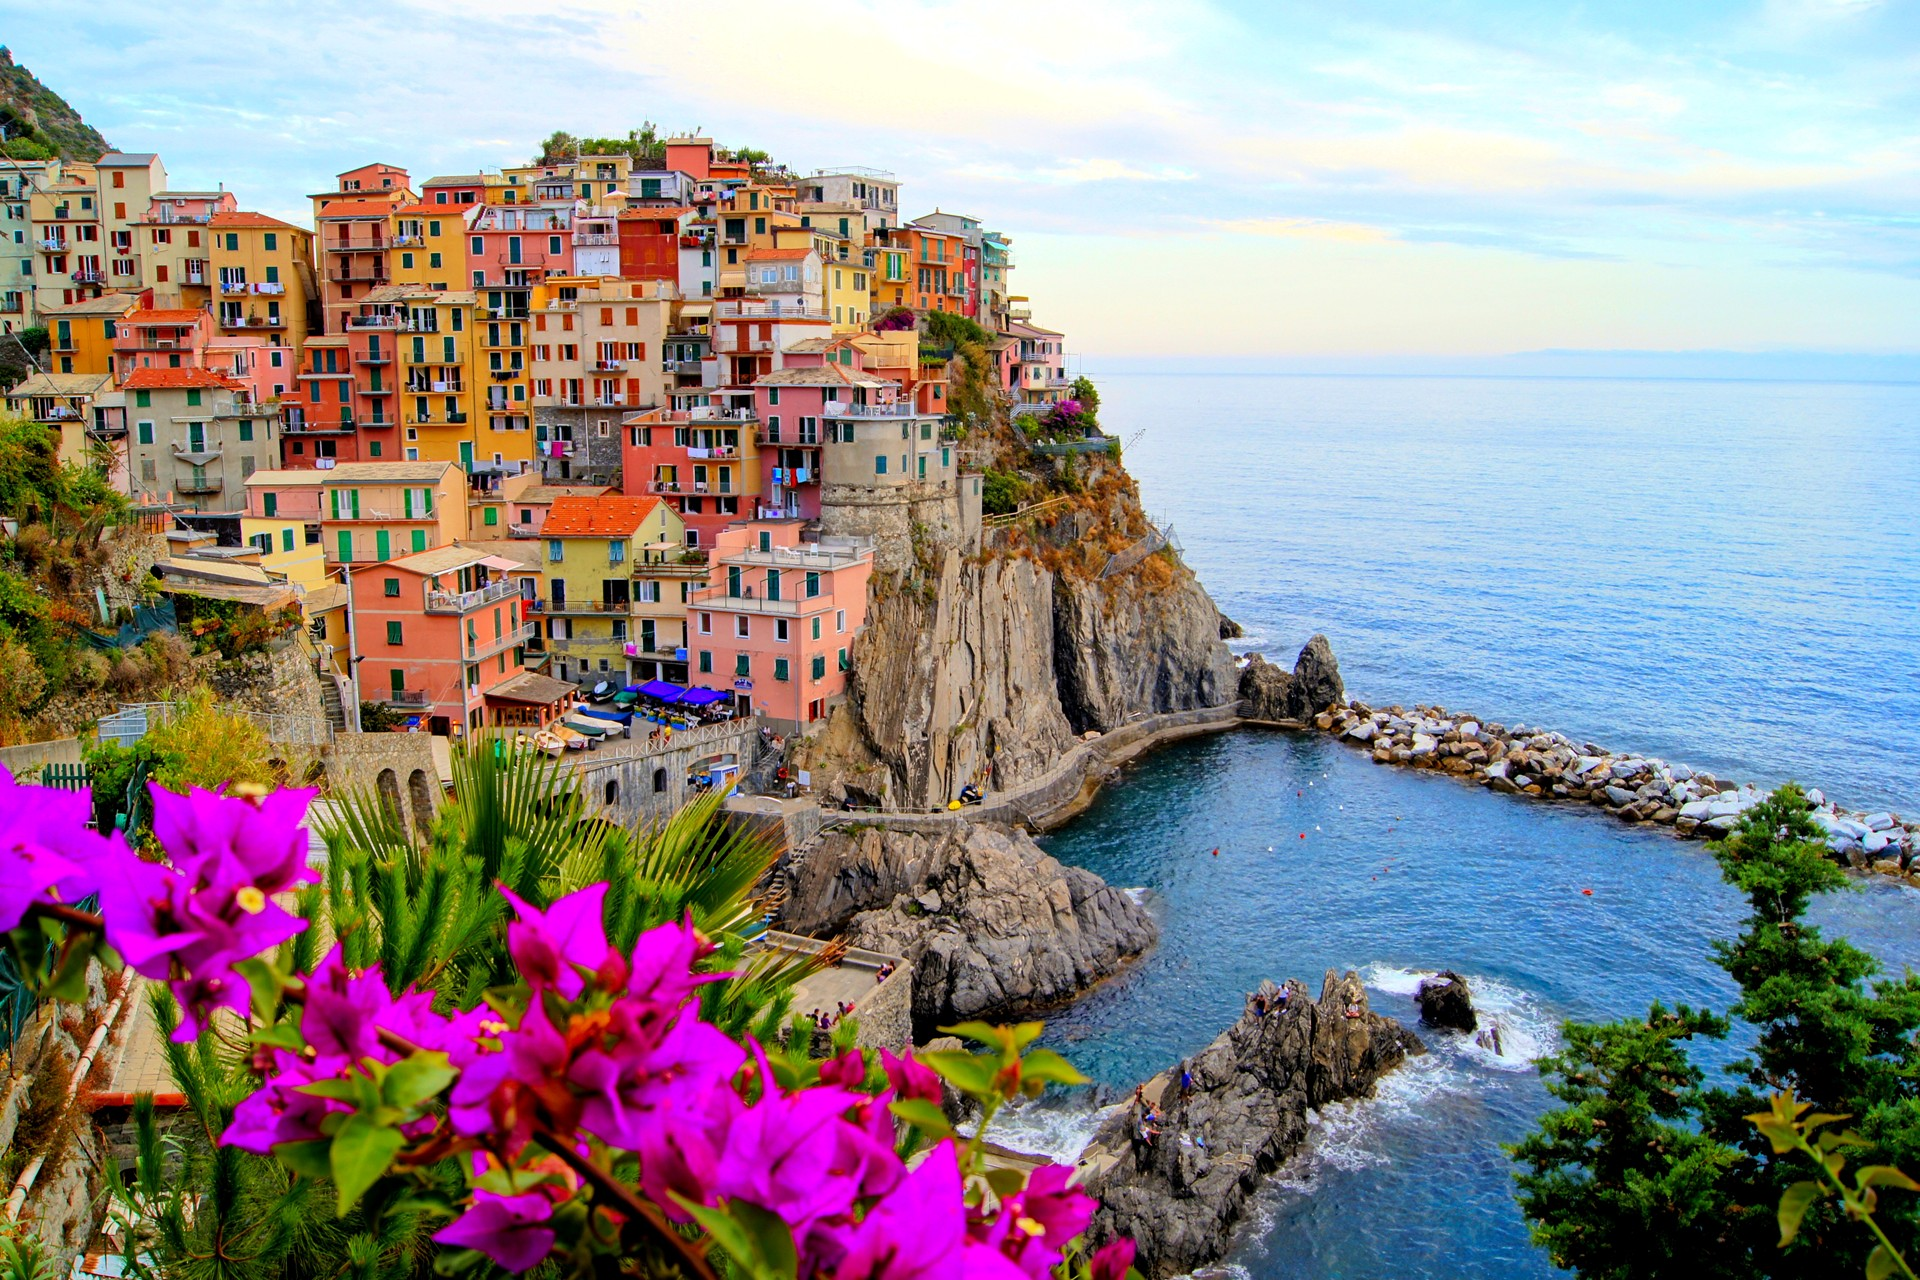 Vacances Riviera Fleurie Cote Du Levant Reservez Vos Voyage